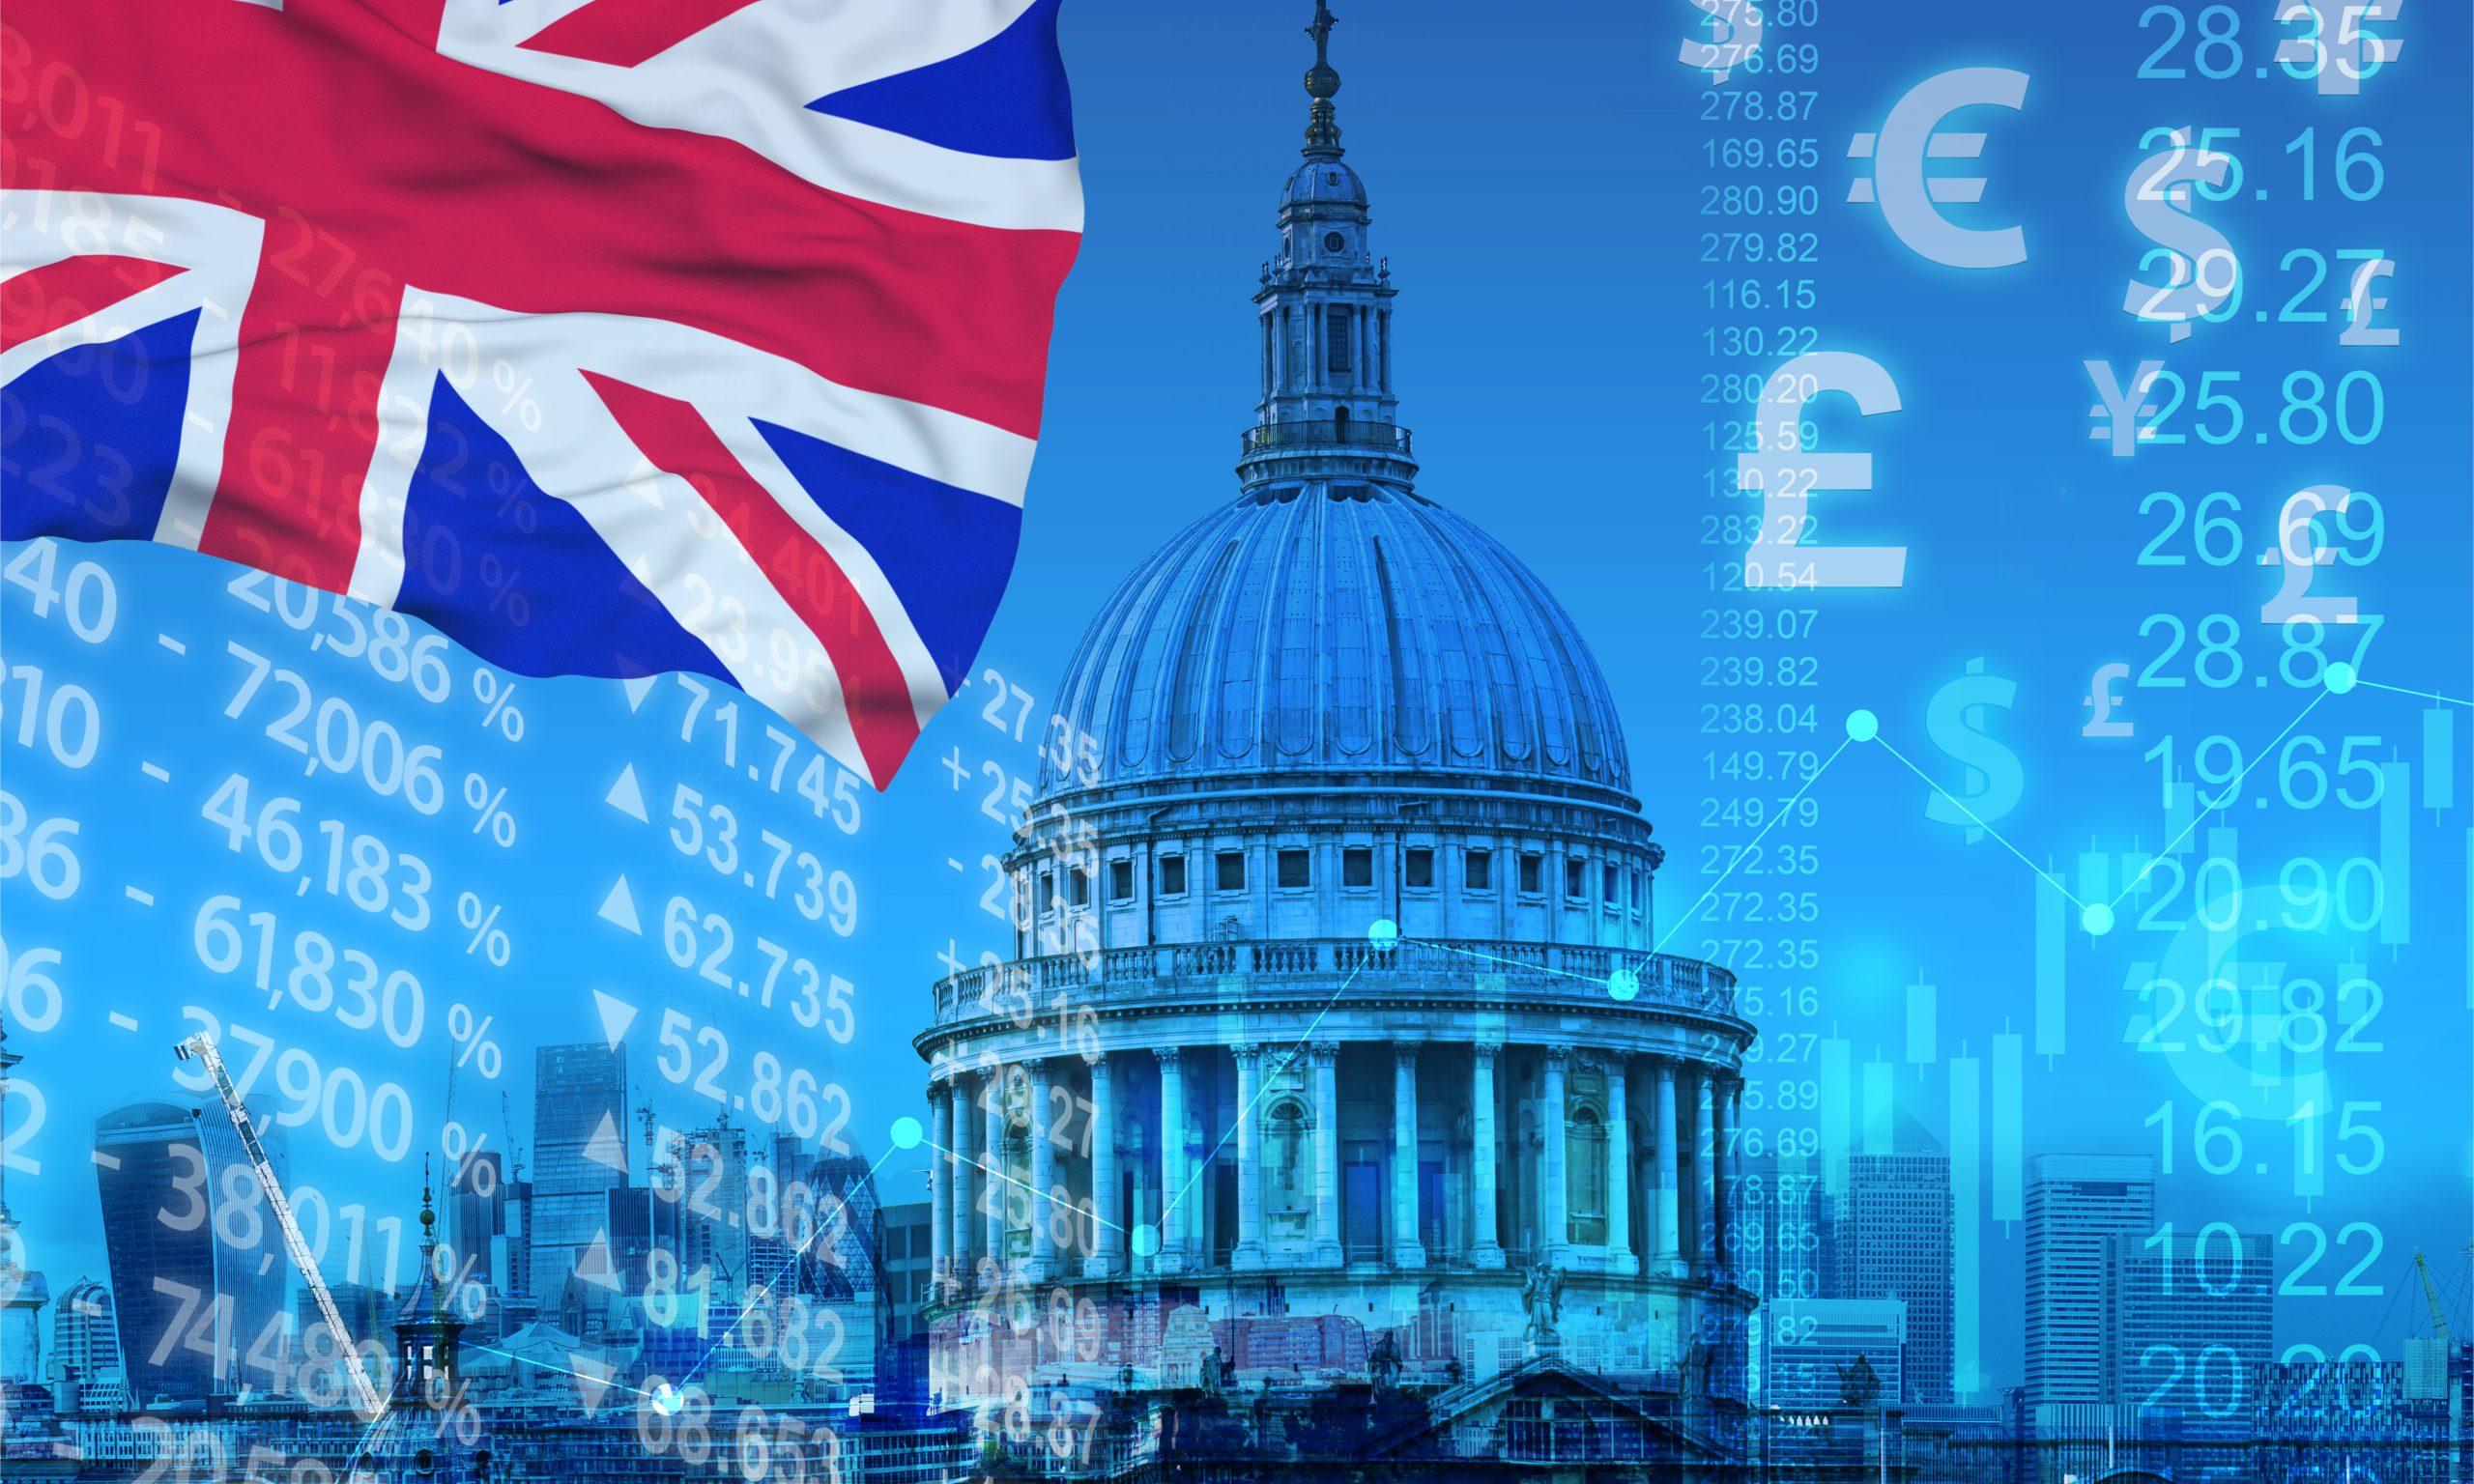 ما الفرق بين تأشيرة الشركات الناشئة وتأشيرة المبتكر في المملكة المتحدة